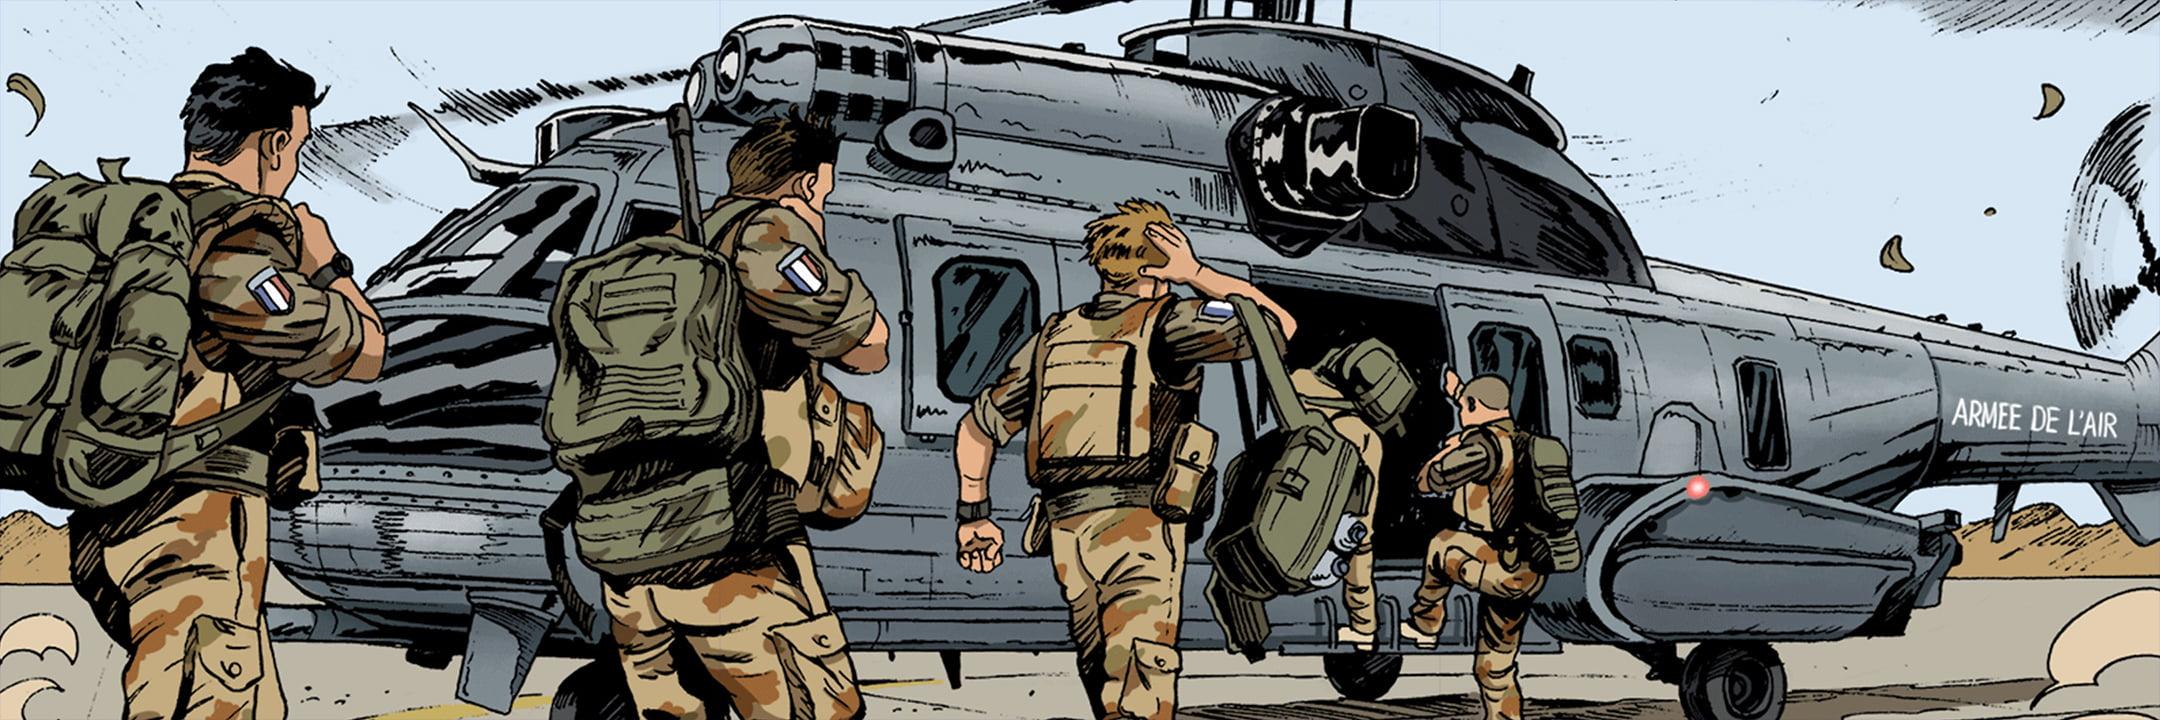 BD_Aviateurs_panorama L'Armée de l'Air lance une belle campagne de recrutement en BD